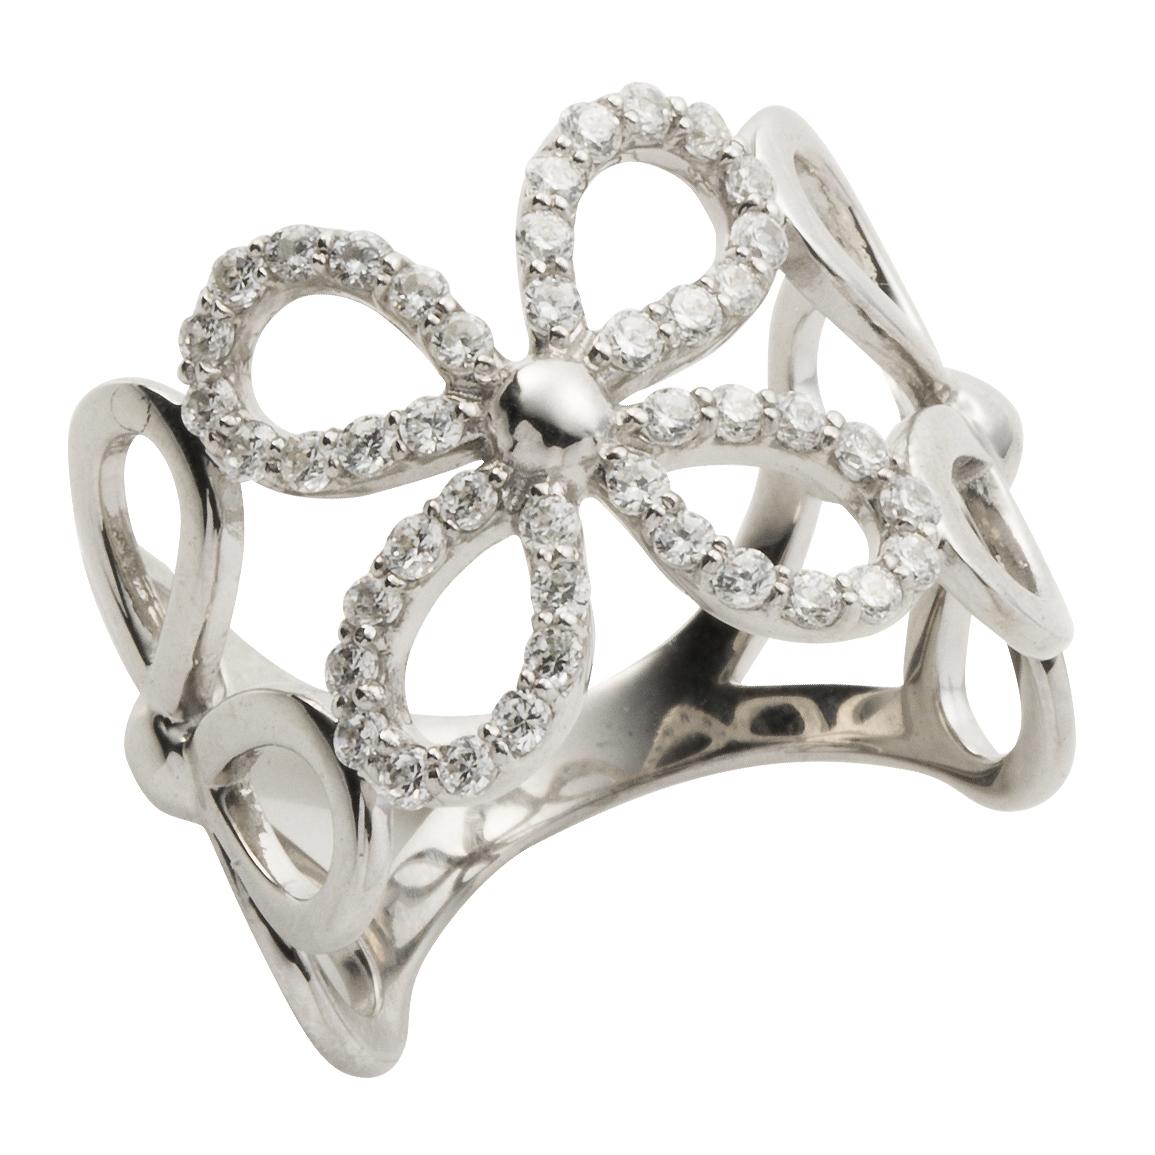 4008a1ee6942 ダイヤモンド リング 0.45ct 花 フラワー pt900 プラチナ 指輪 アクセ アクセサリー レディース【送料無料】 今日激安新作